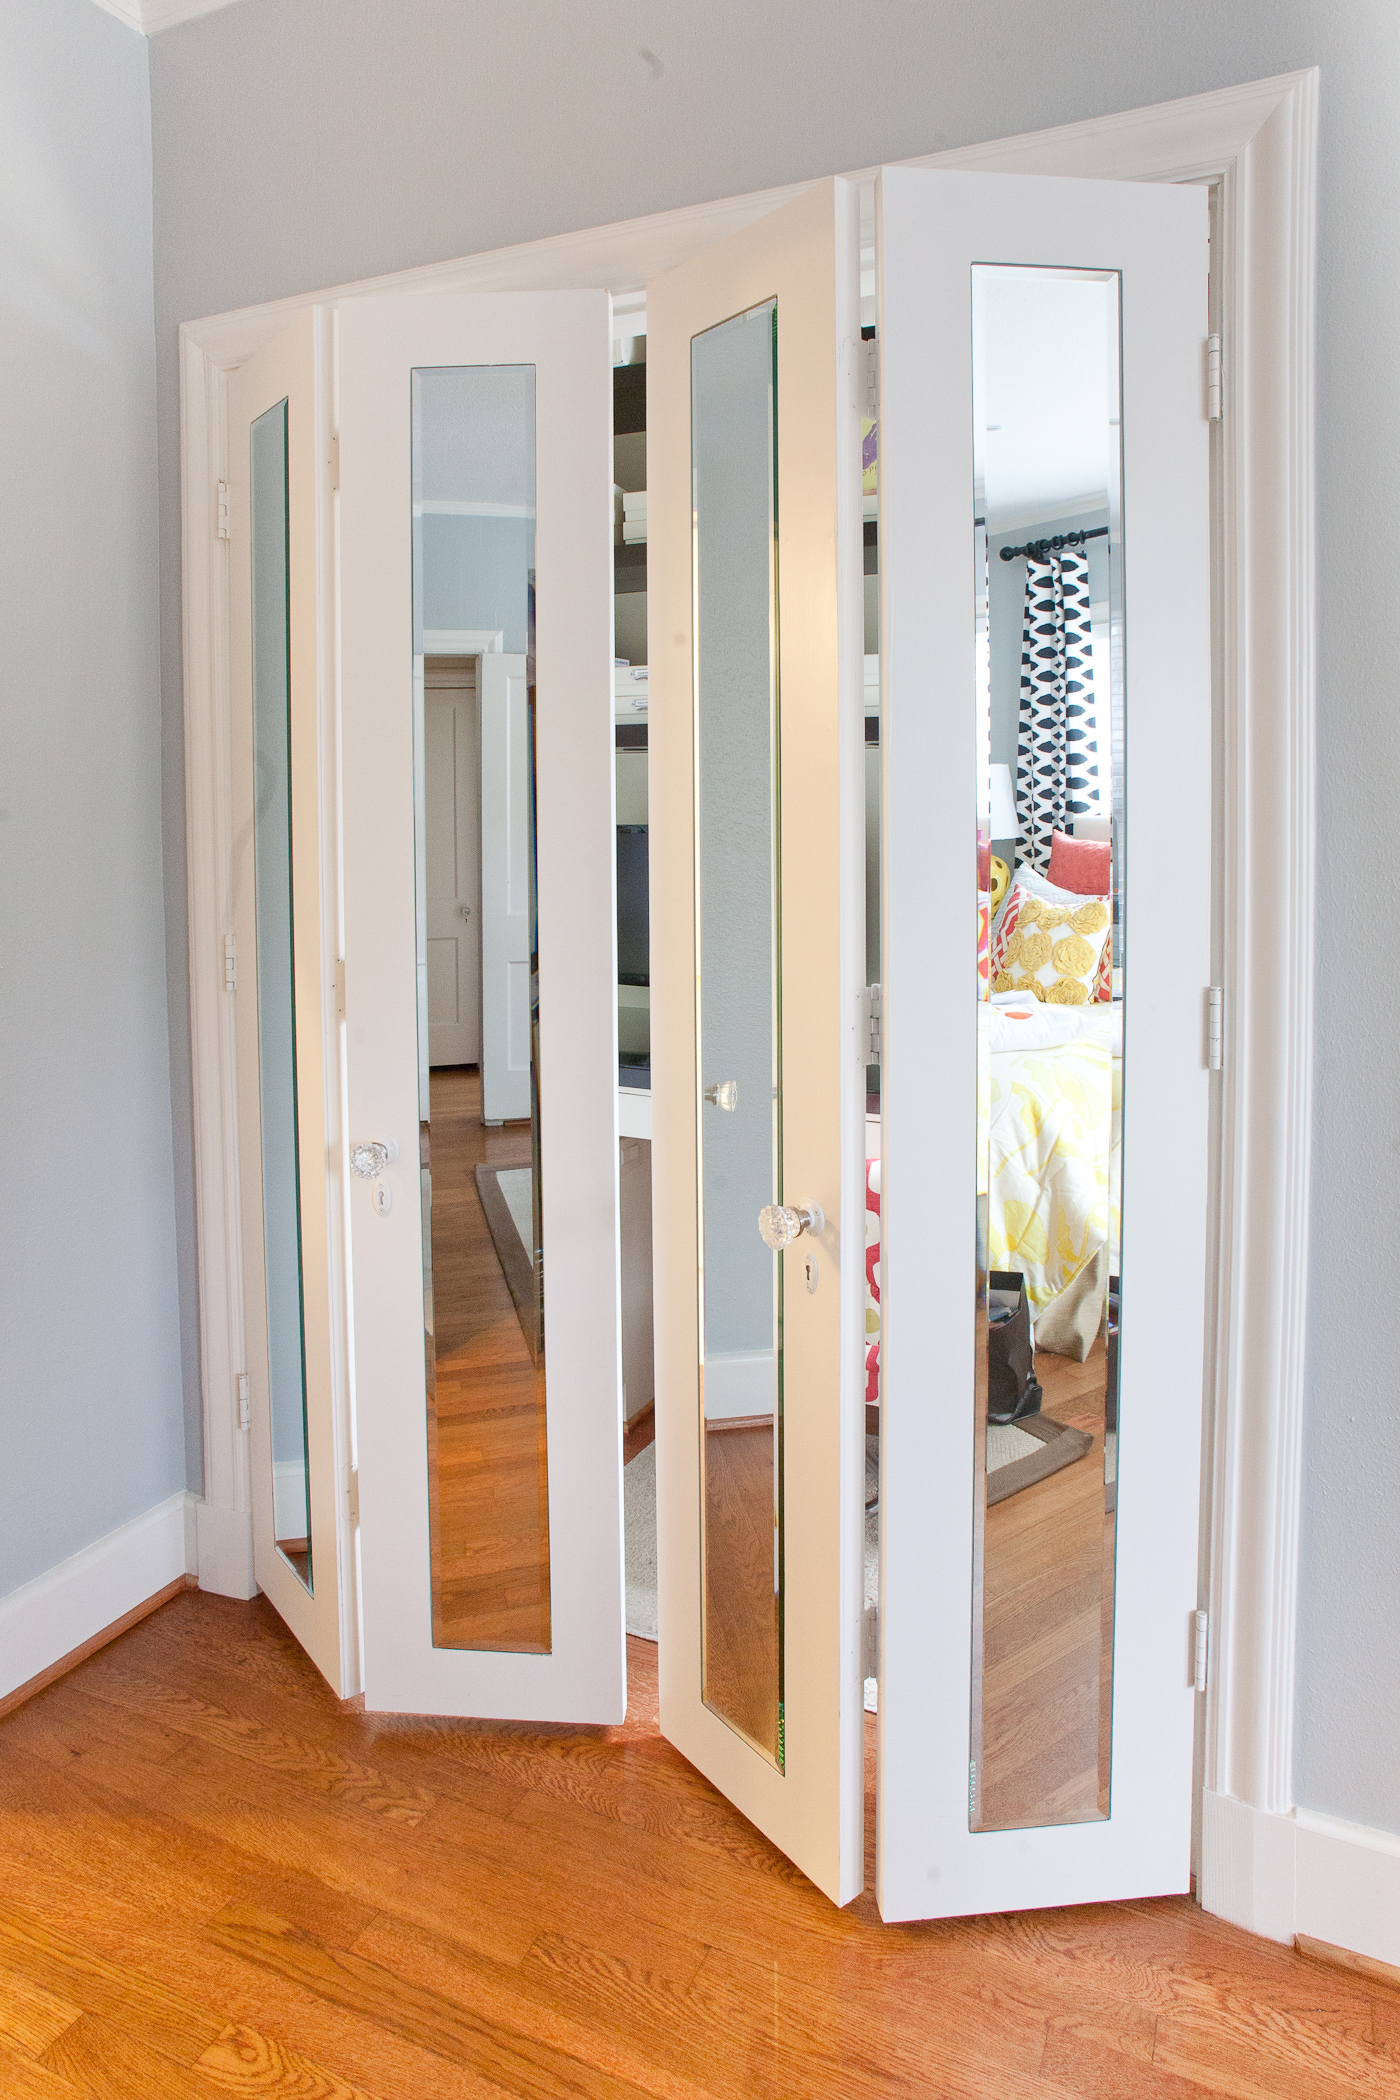 Зеркала на двери